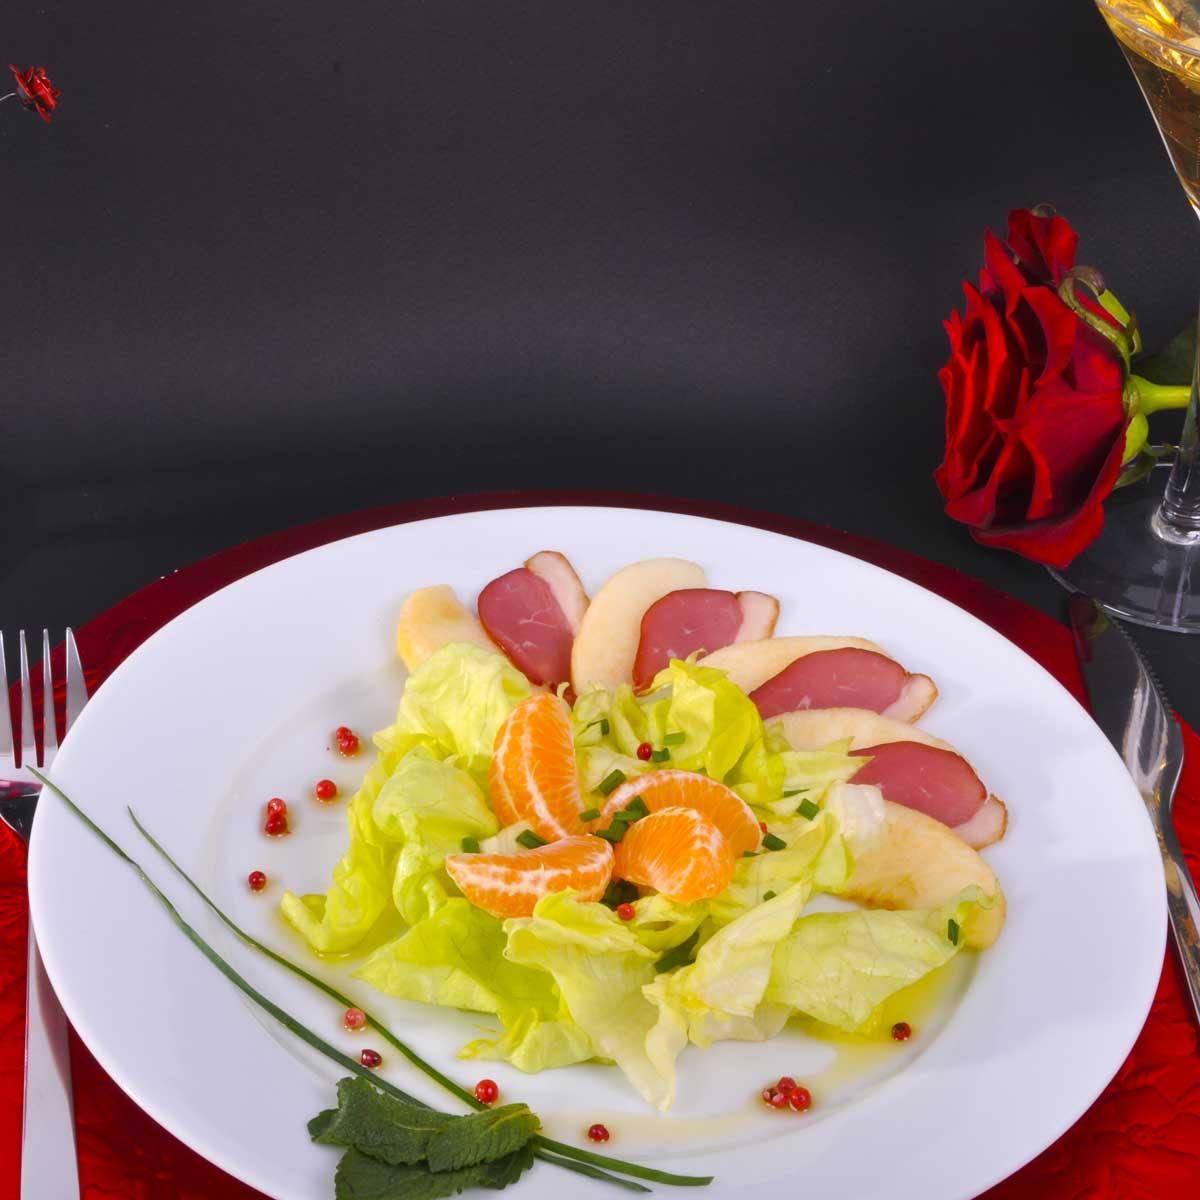 salade de pommes au magret de canard une recette entre amis cuisine le figaro madame